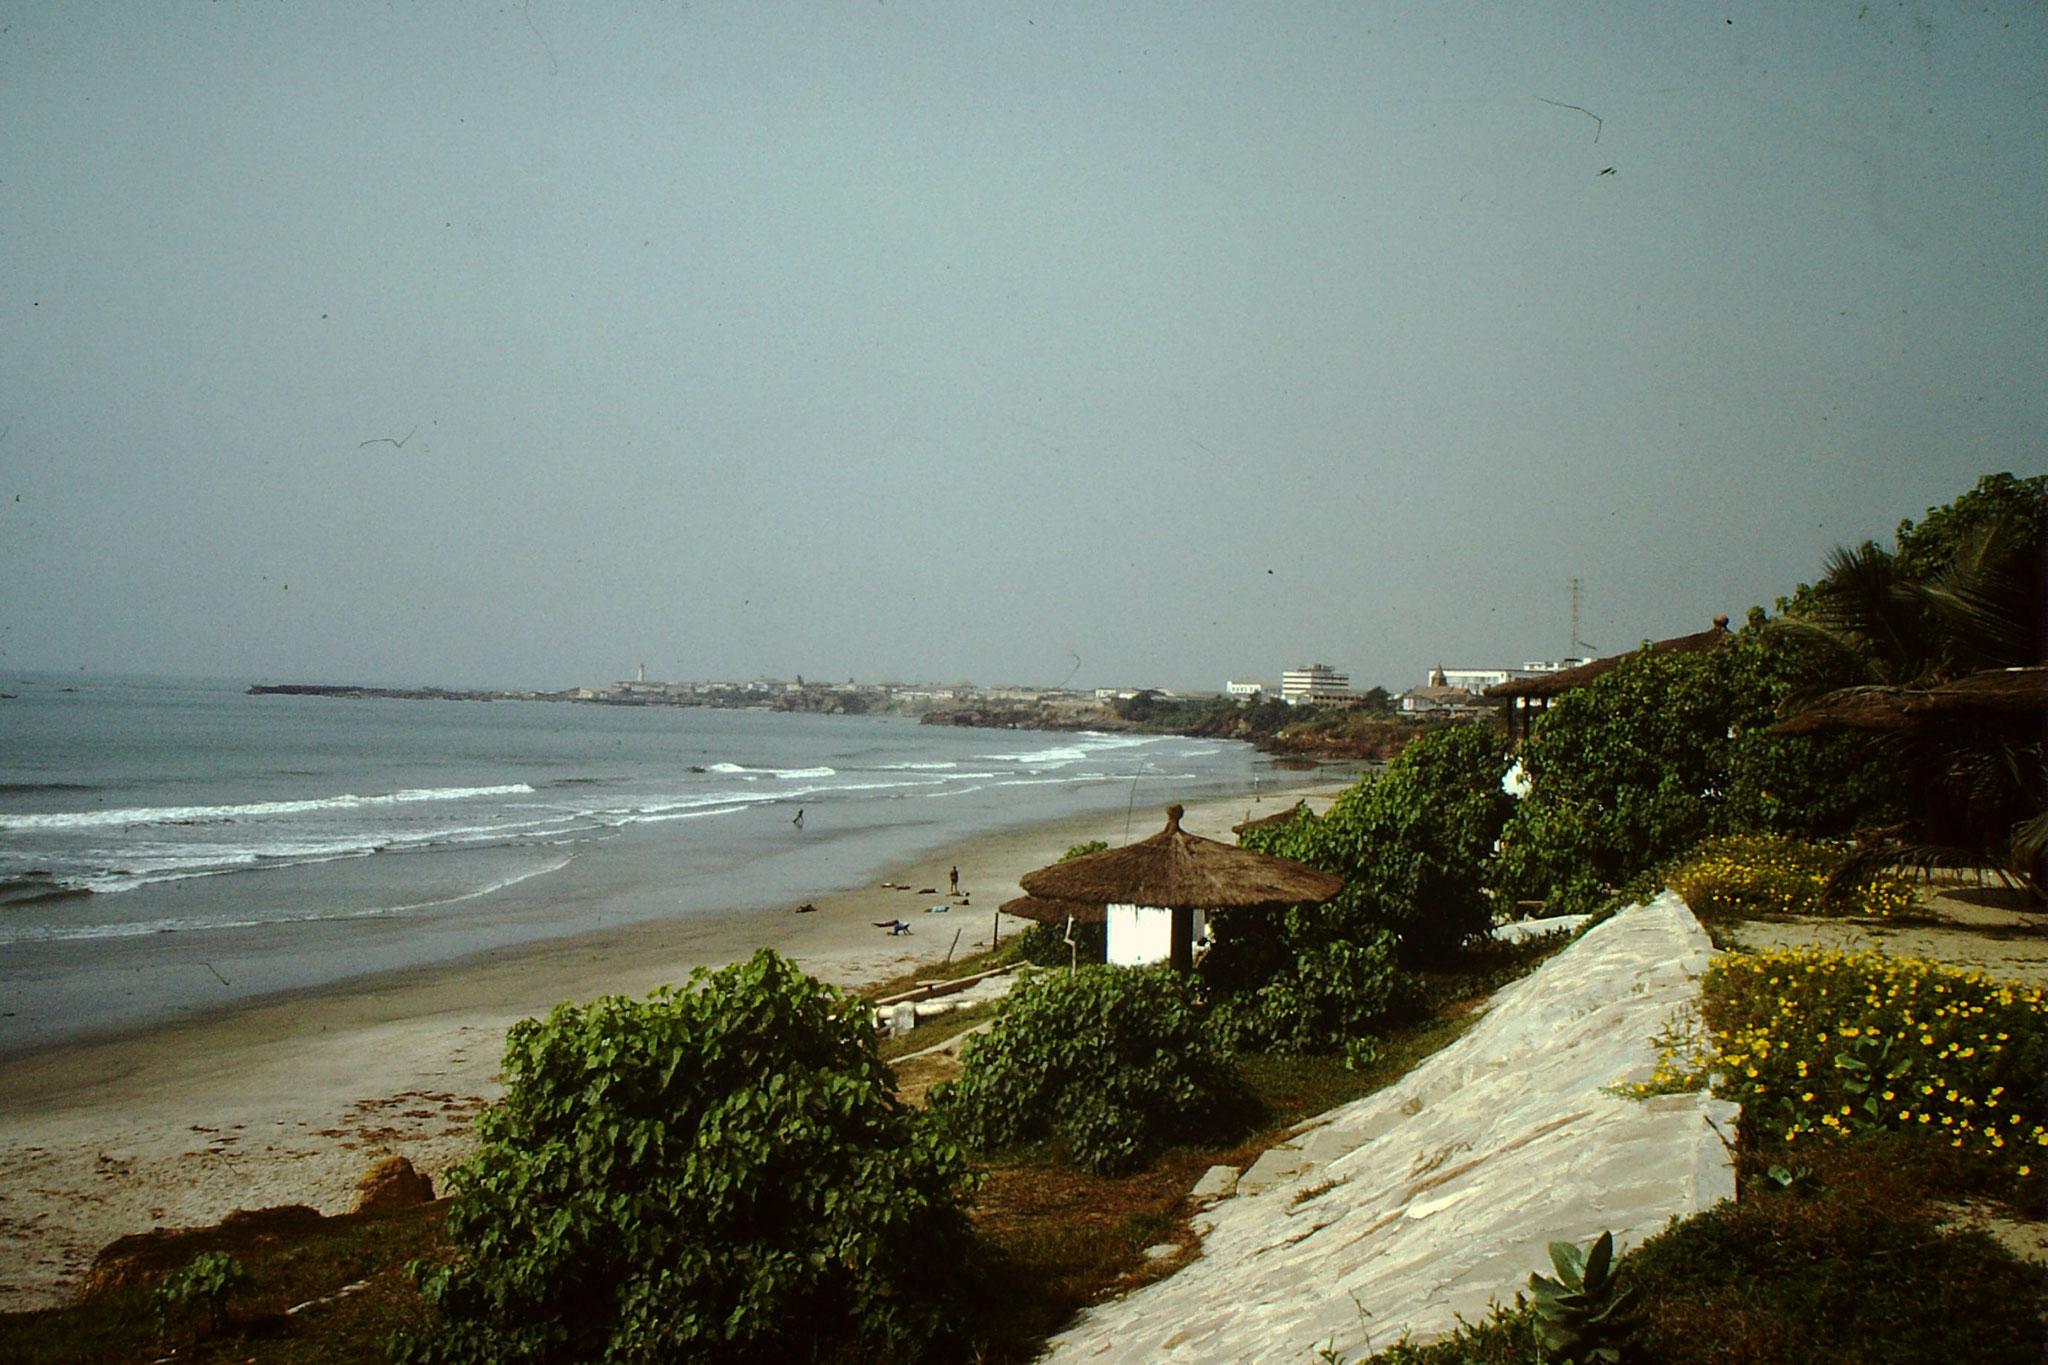 Der zu dieser Zeit noch weitgehend unverbaute Strand von Accra.